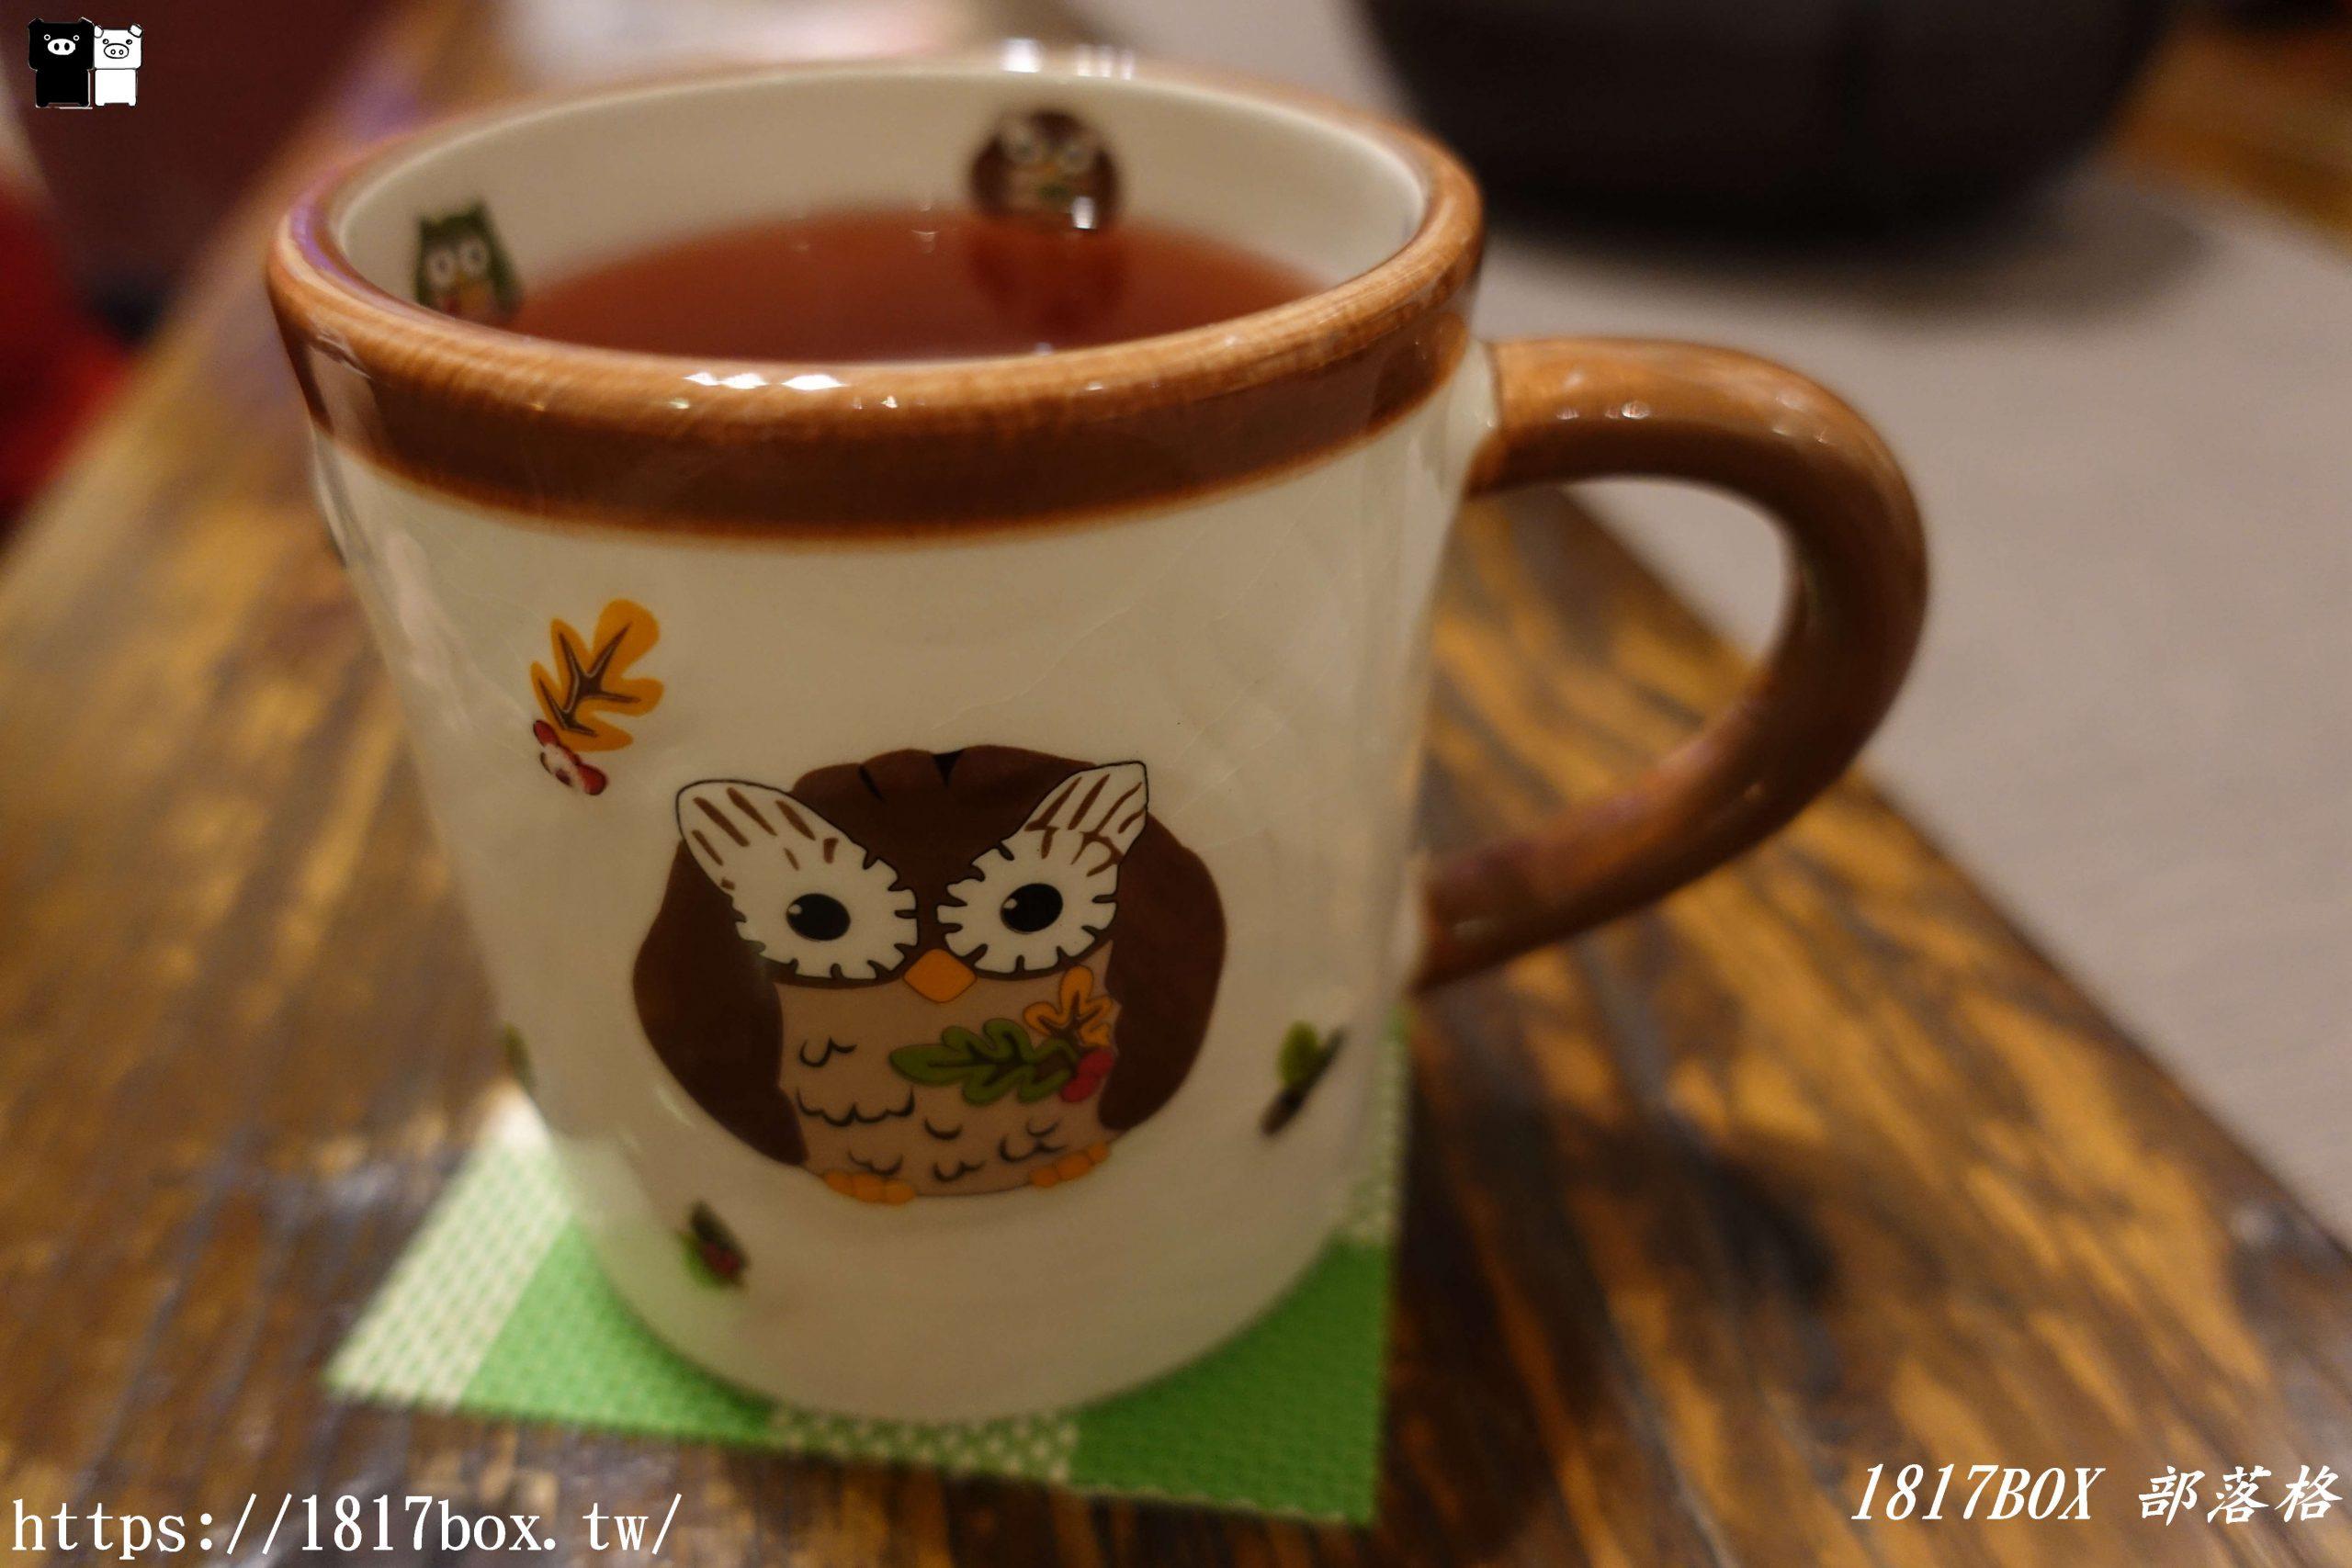 【雲林。西螺】西螺老街。鐘樓咖啡。茶食。伴手禮 @1817BOX部落格